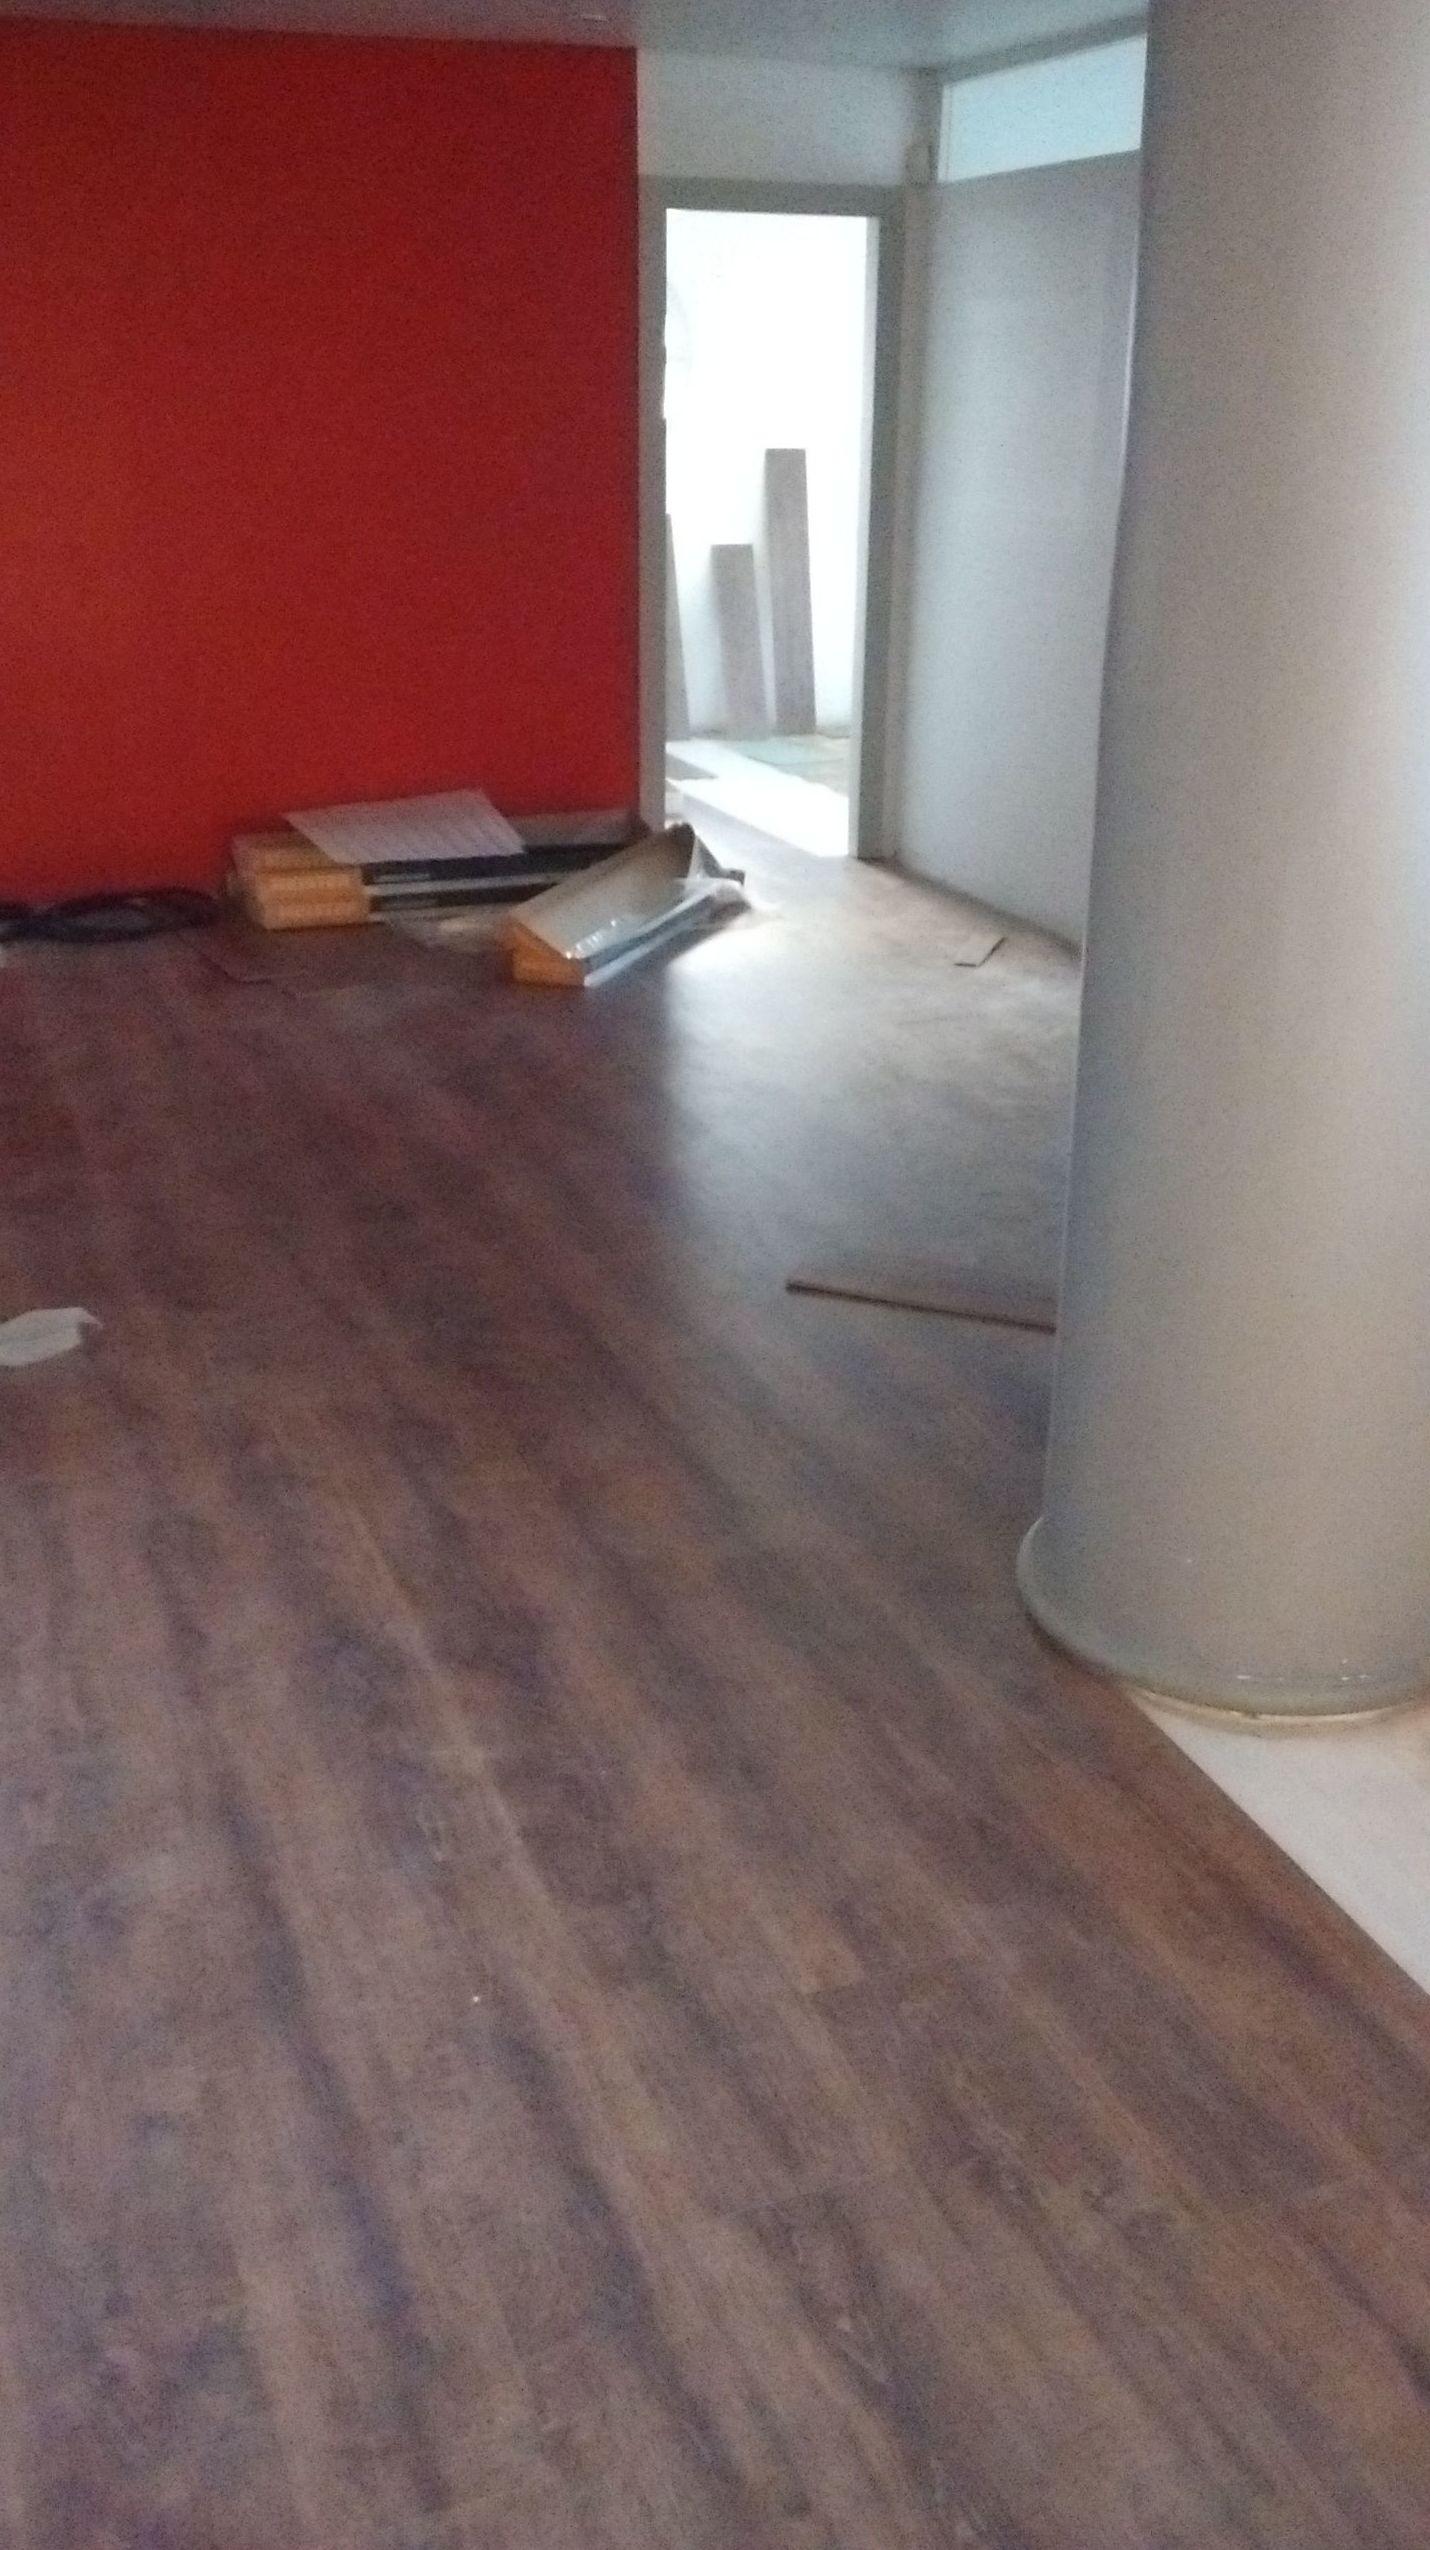 Instalando un suelo laminado en un despacho. San Pedro de Alcántara